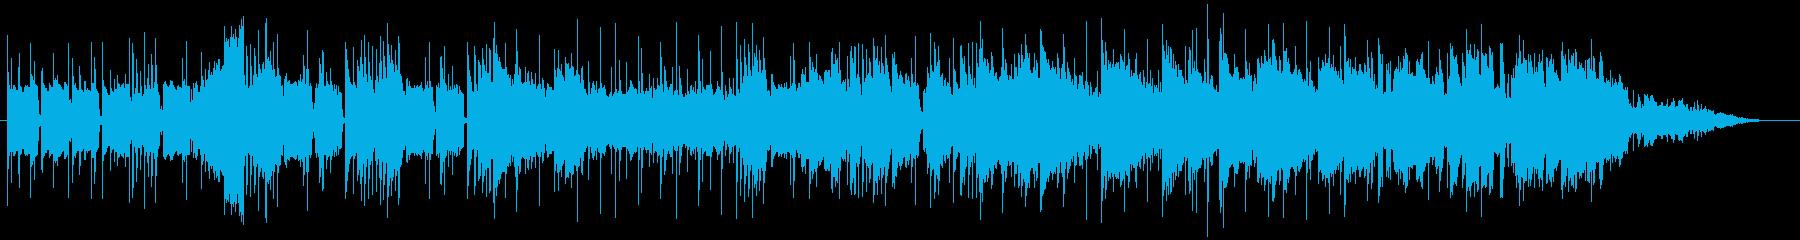 アップビートのジングルートーク番組等にの再生済みの波形